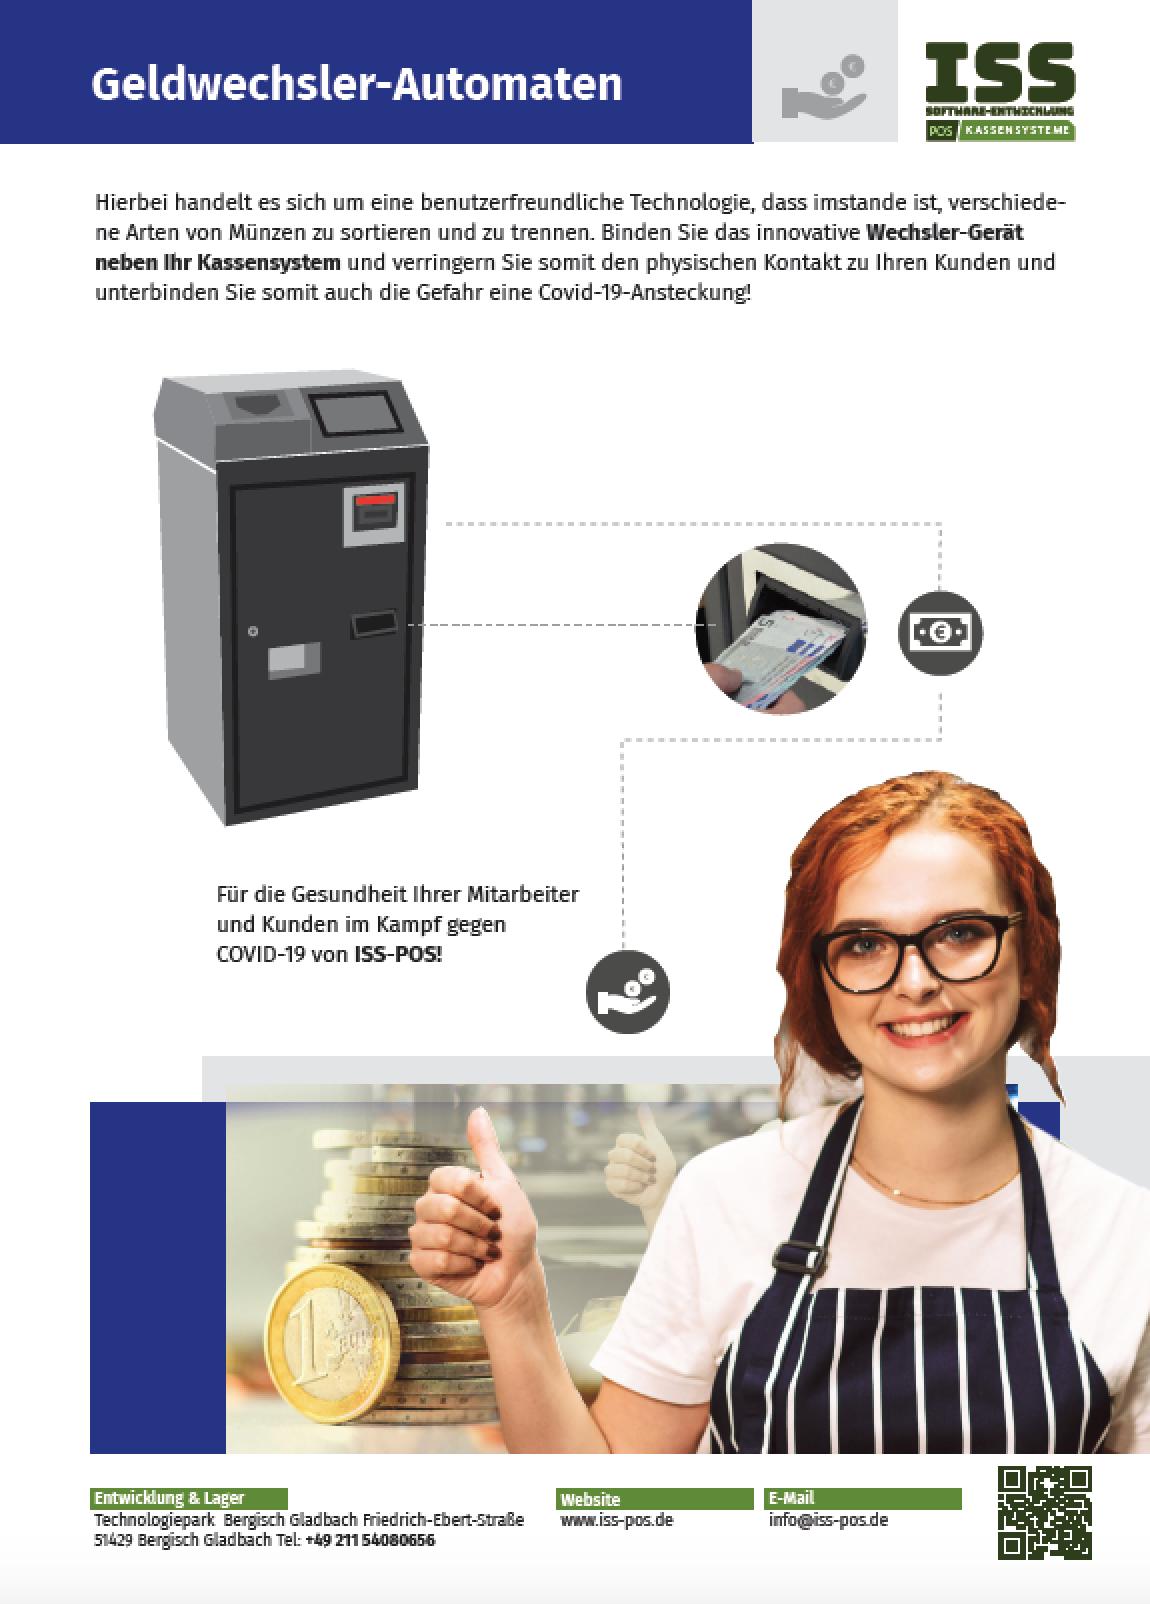 Geldwechsler-Automaten